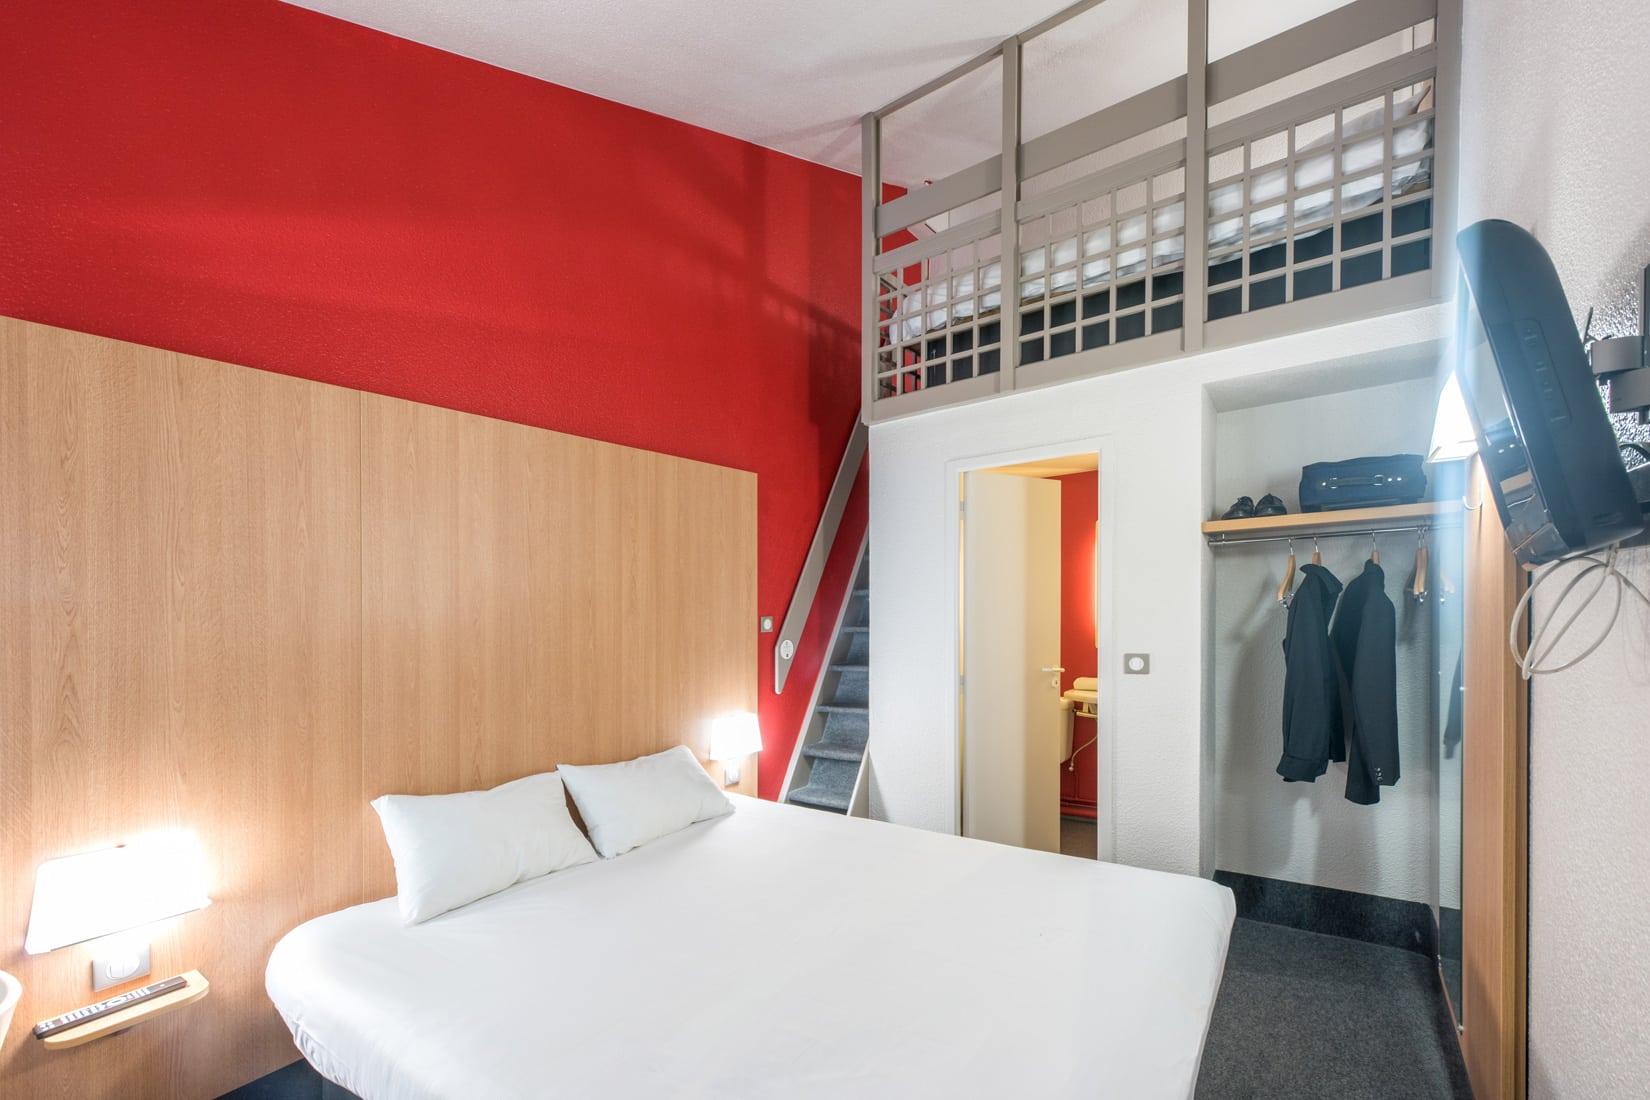 © Hôtel B & B Kergaradec Brest